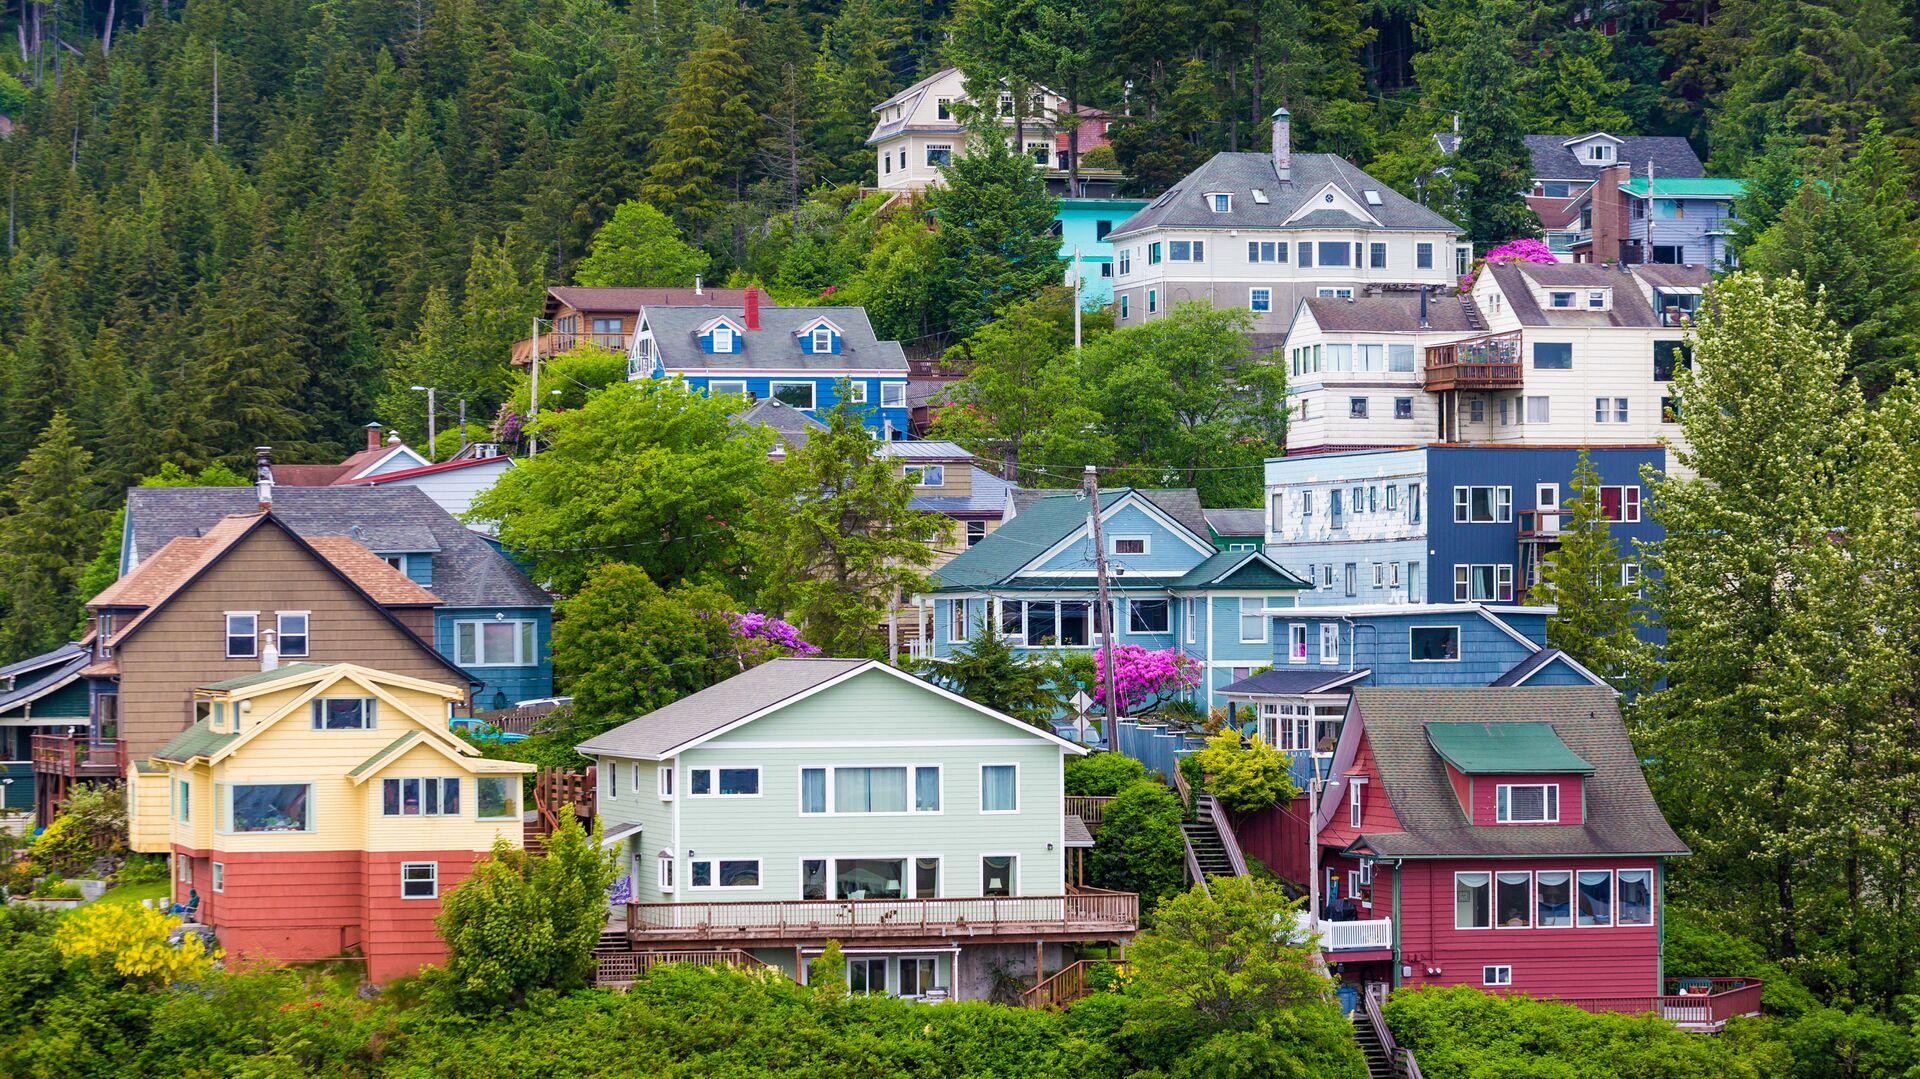 Цветные дома в Кетчикане, Аляска - РИА Новости, 1920, 22.10.2020